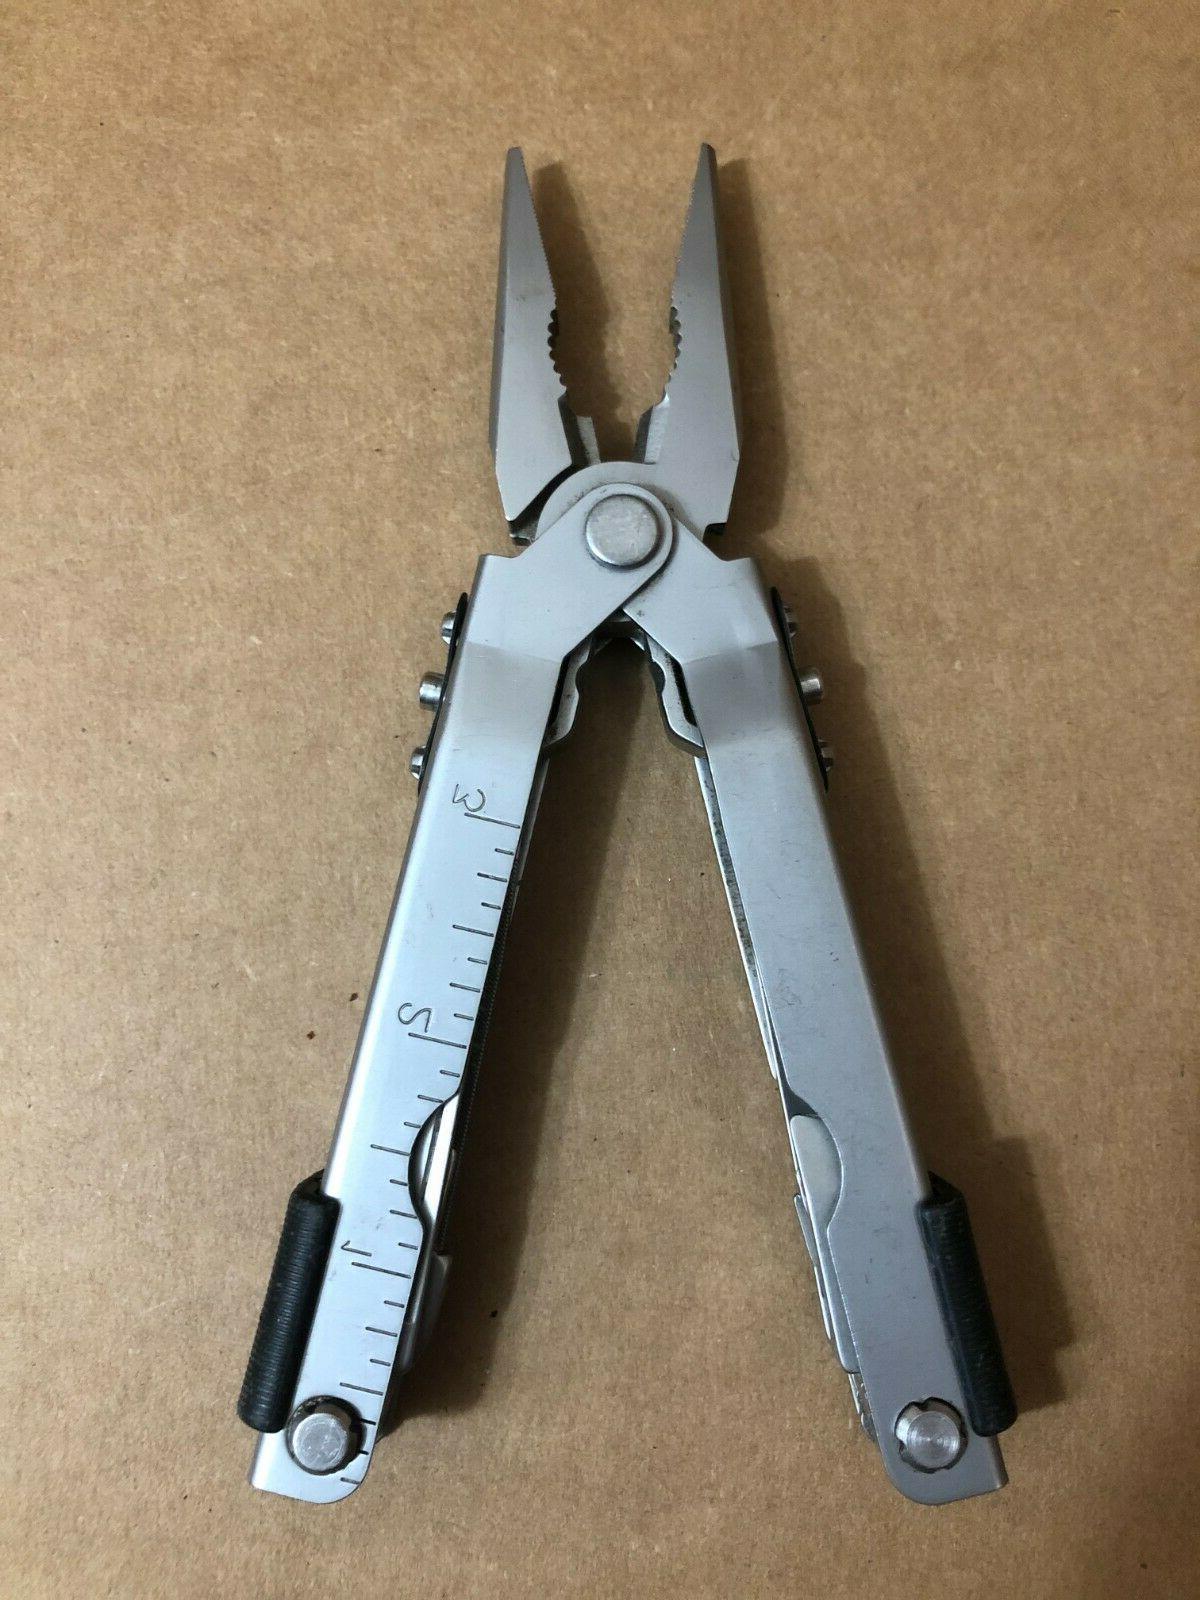 mp600 basic multi tool 9 tools needle